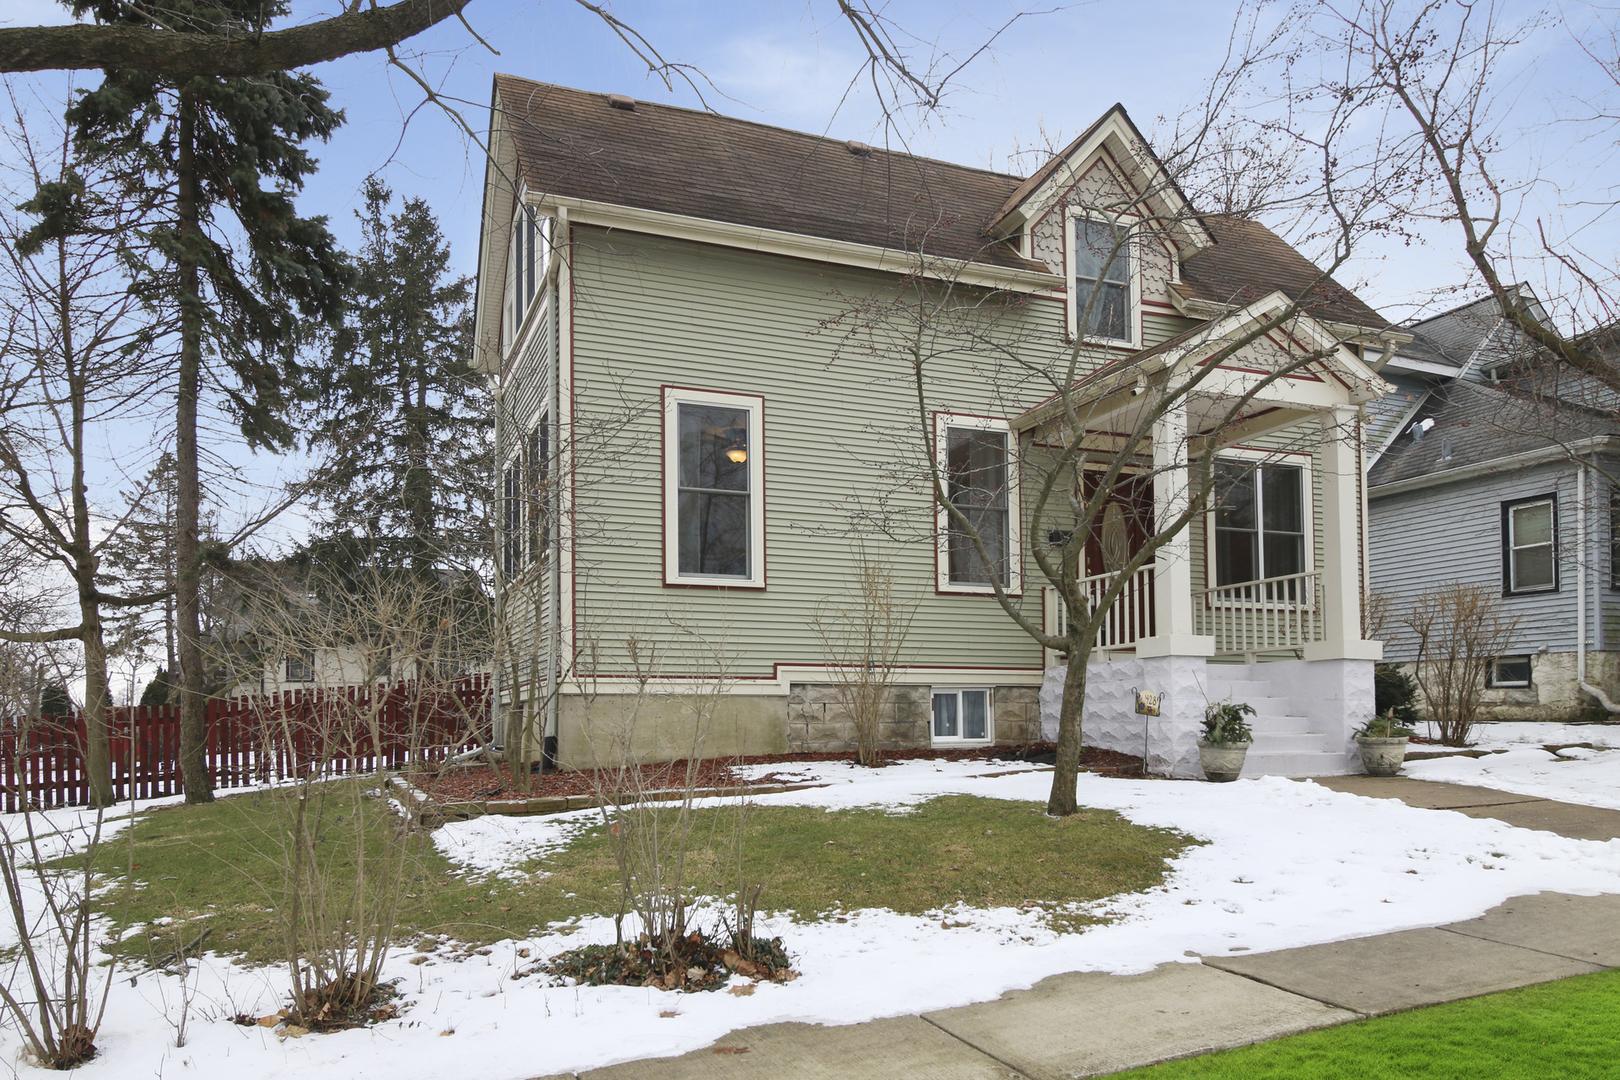 428 East Maple, La Grange, Illinois, 60525